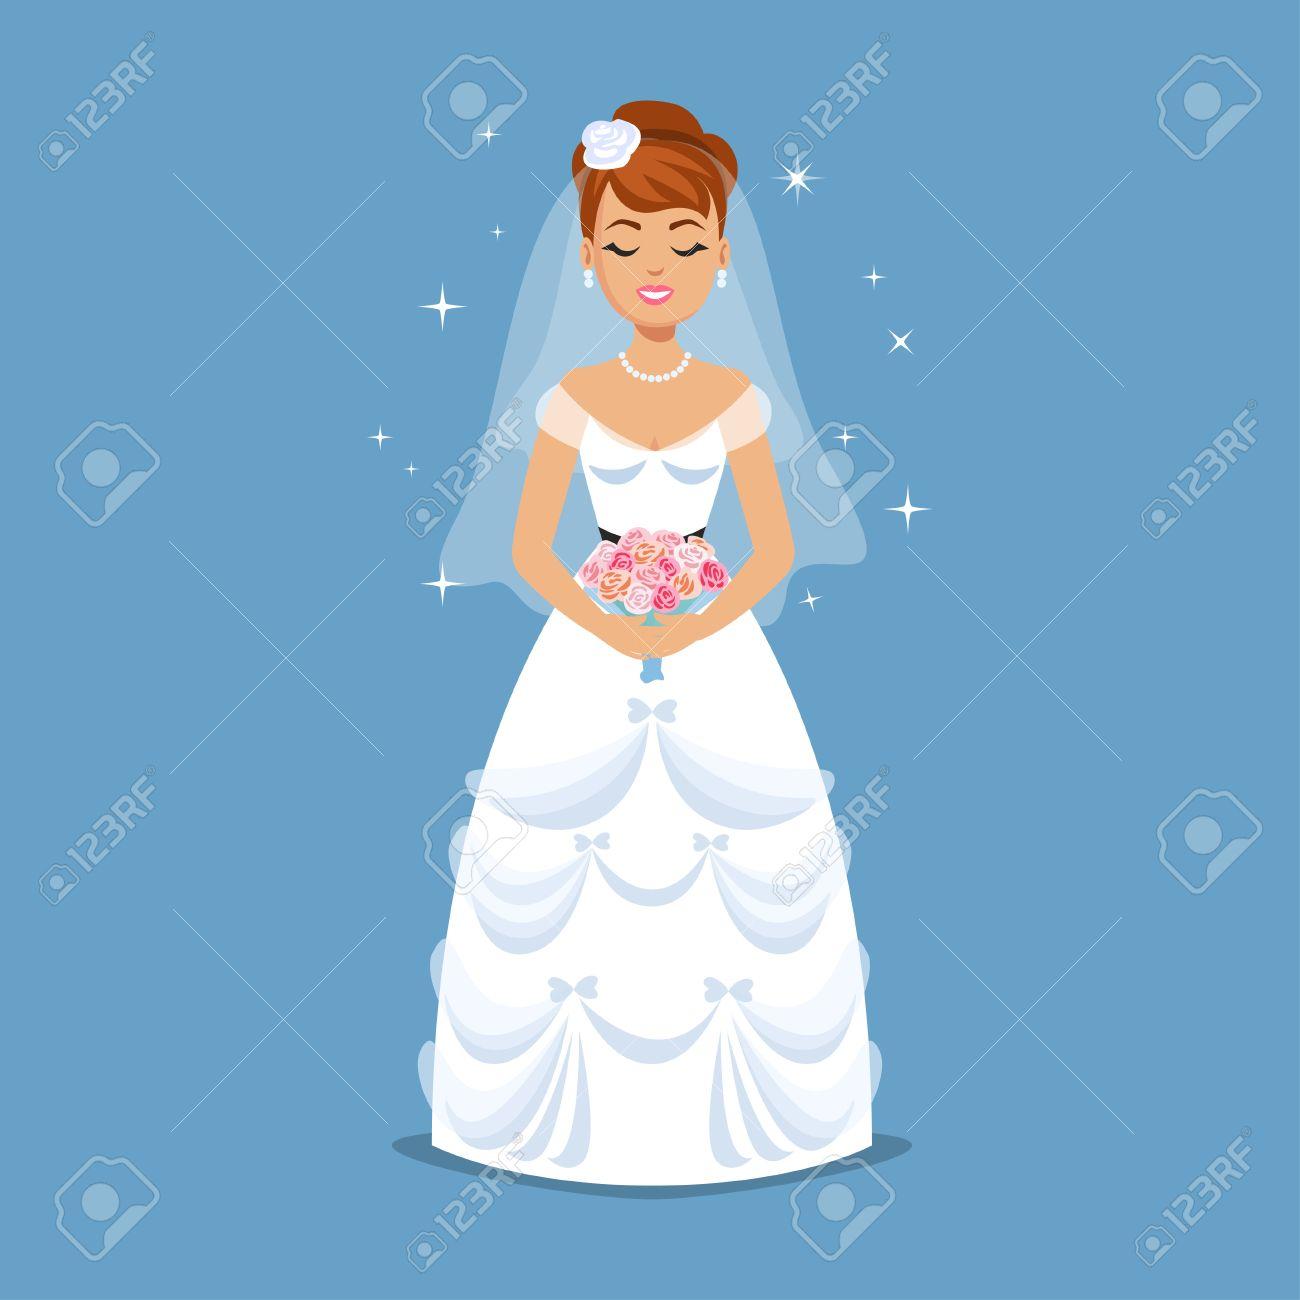 Elegant Bride In Wedding Dress In Classic Styles. Wedding Fashion ...